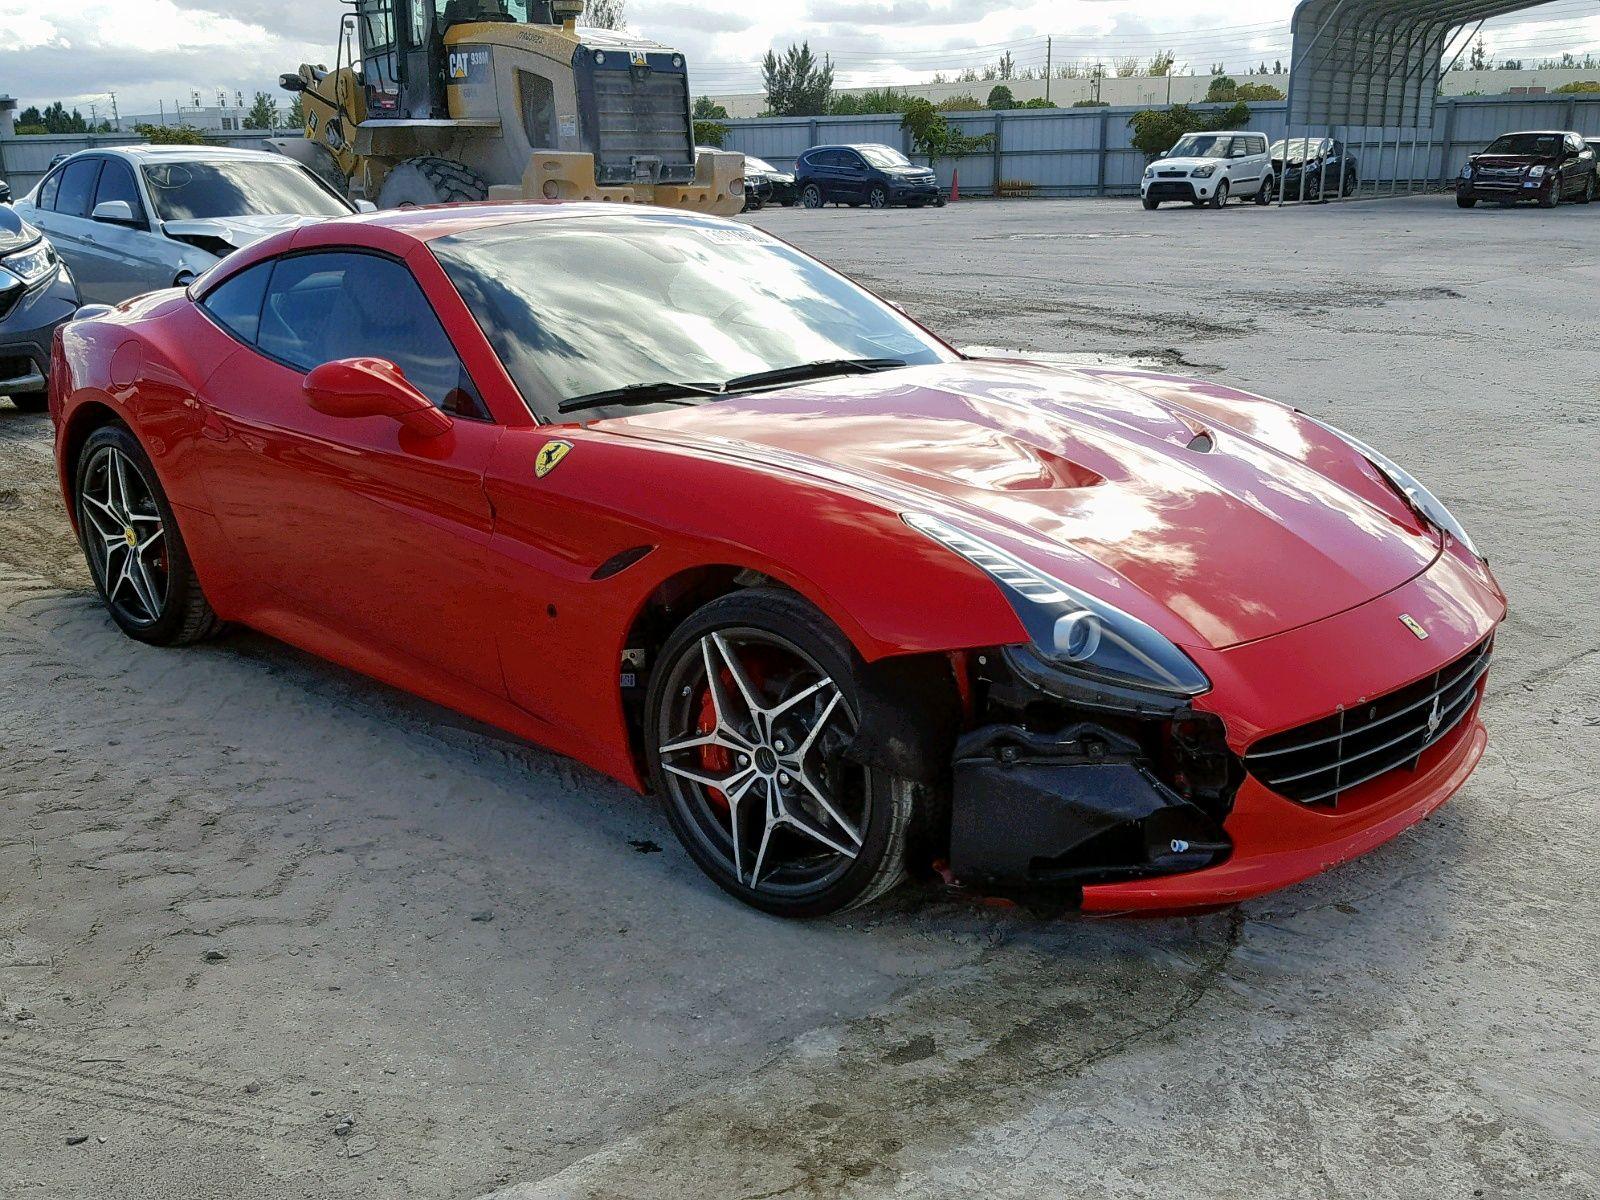 2017 Ferrari California Salvage Exotic Luxury Cars Ferrari